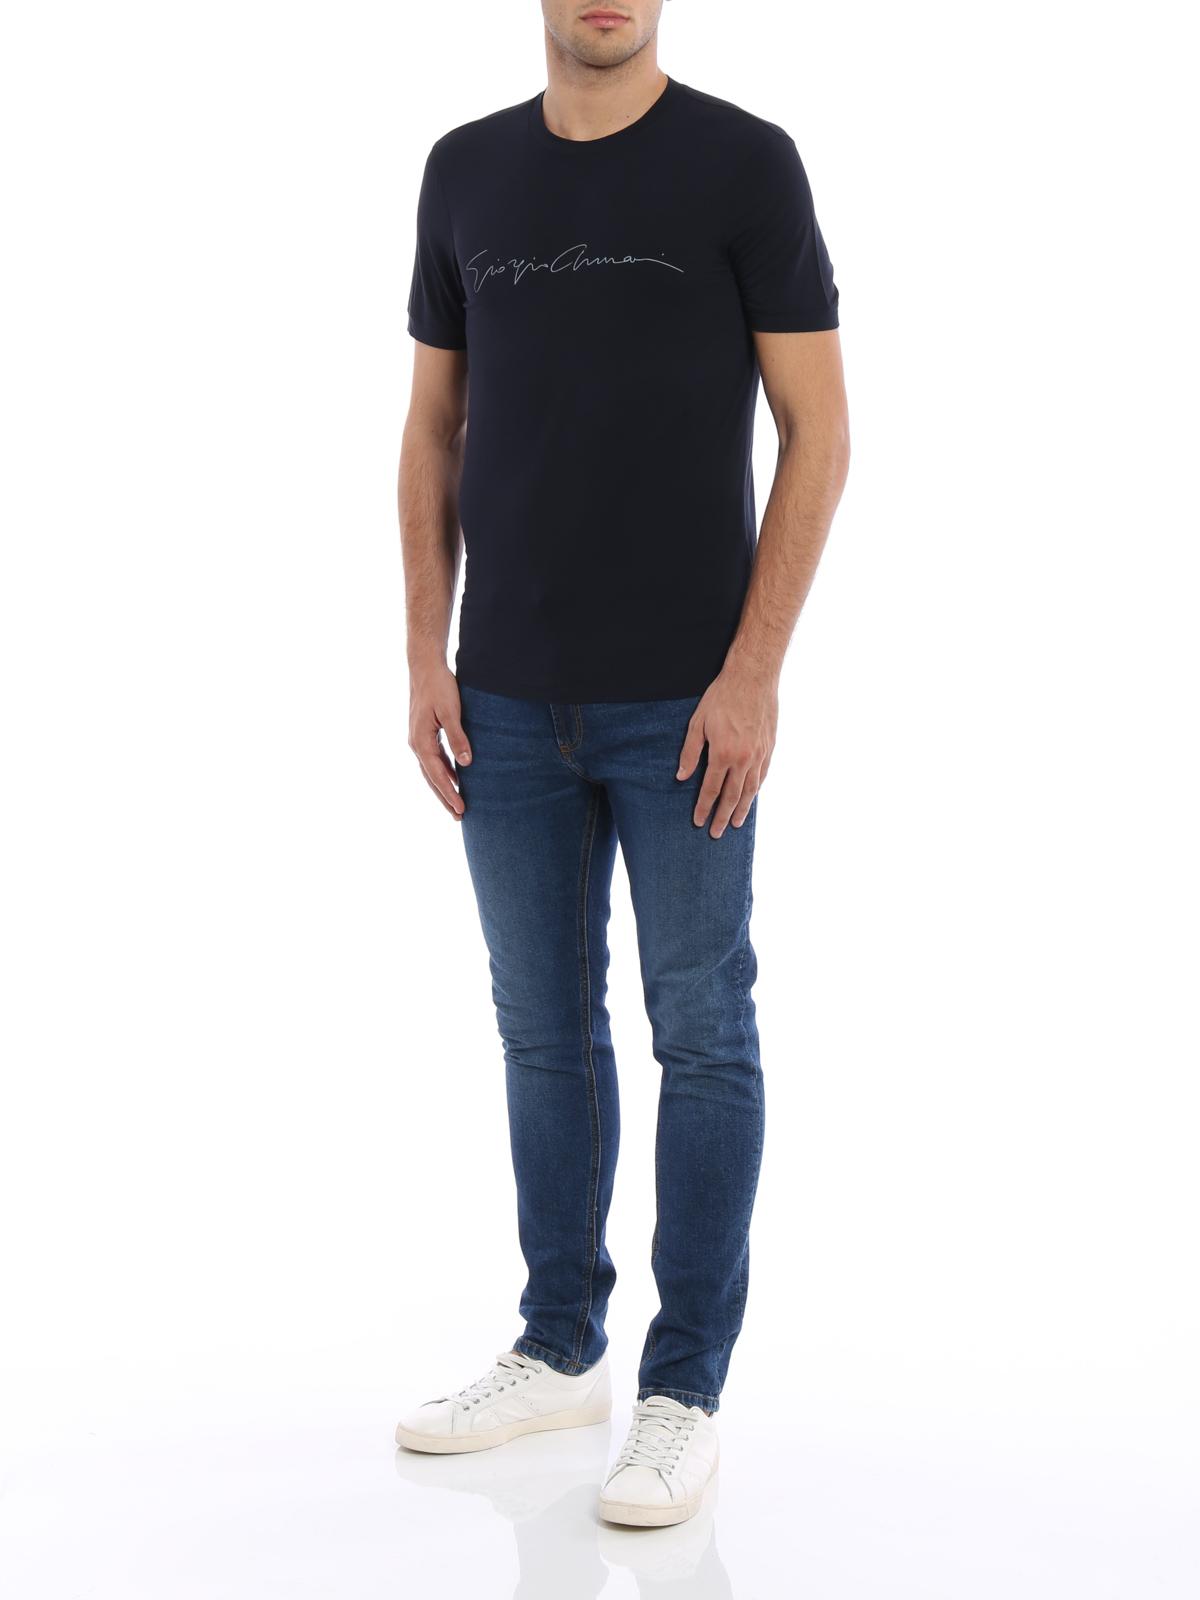 armani brand Zapatos mujer giorgio armani: tacones elegantes y calzados casual para cada ocasión compra con envío gratuito en gigliocom distribuidor oficial.